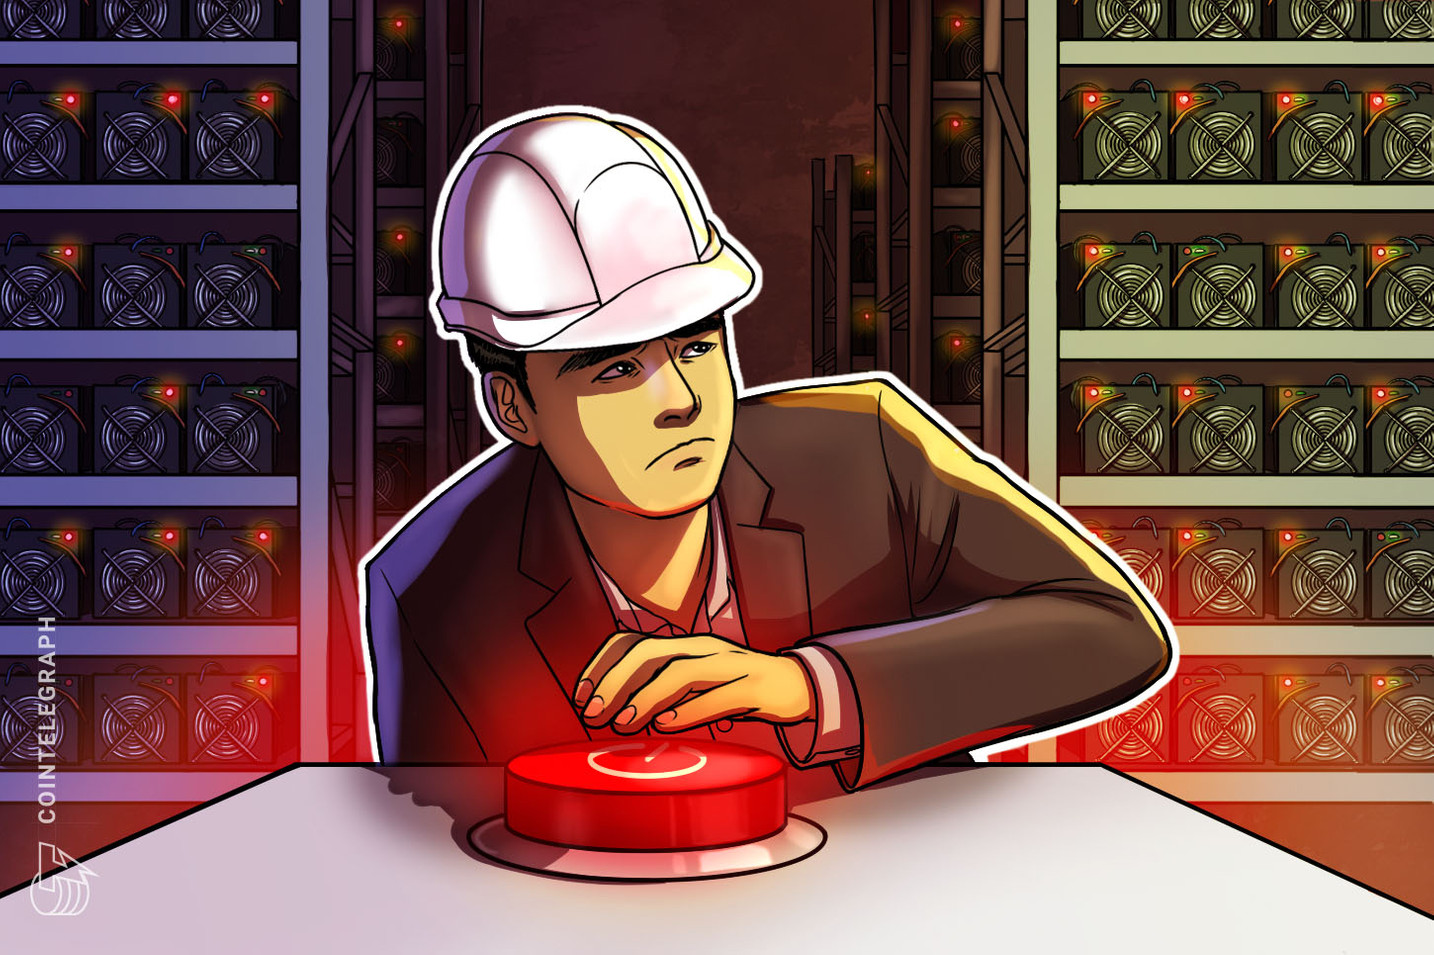 Kineski regulatori spremni su da sprovedu inspekciju kompanija za rudarenje kriptovaluta